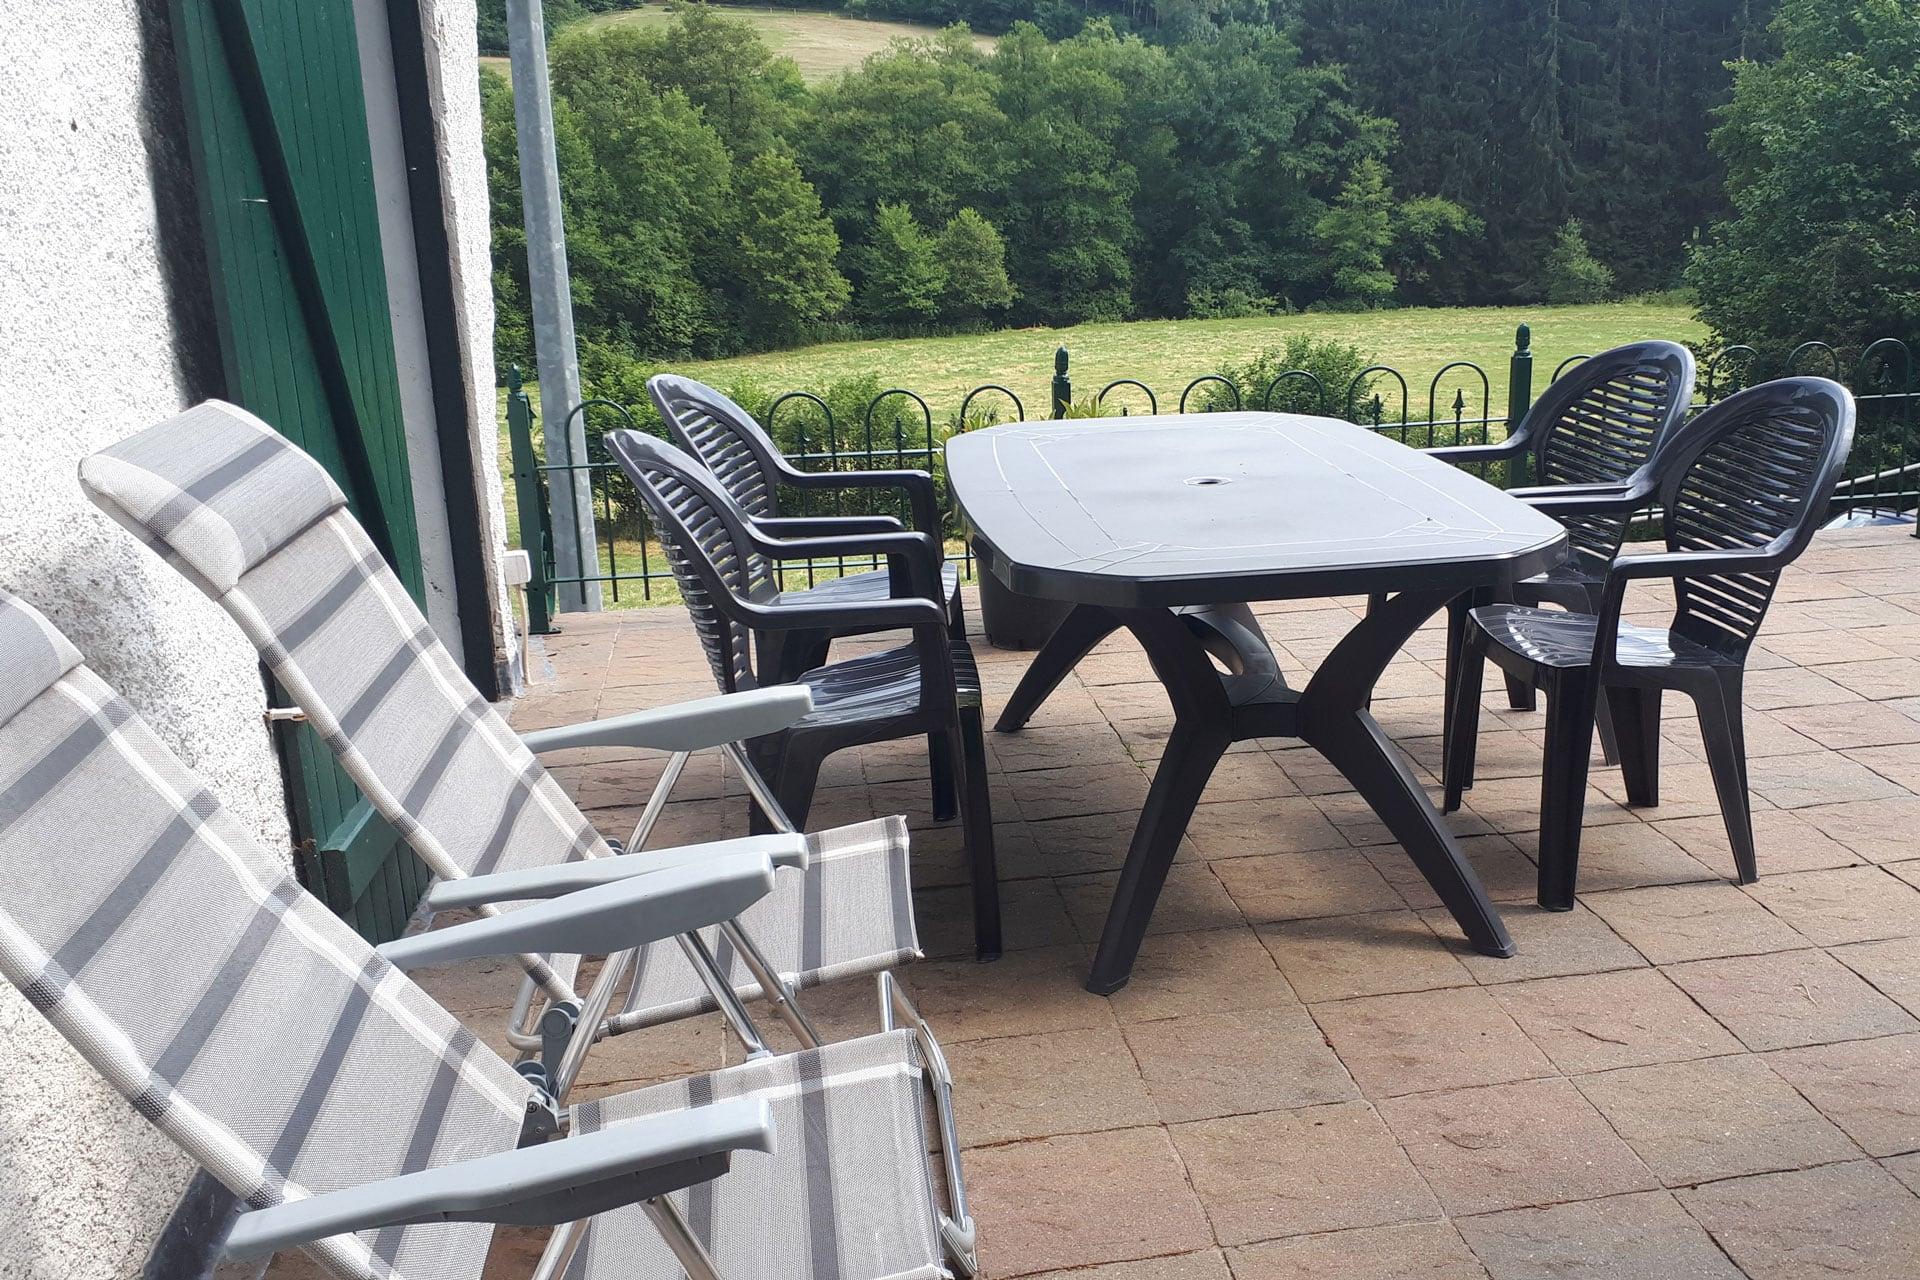 Ferienwohnung - Camping Kautenbach